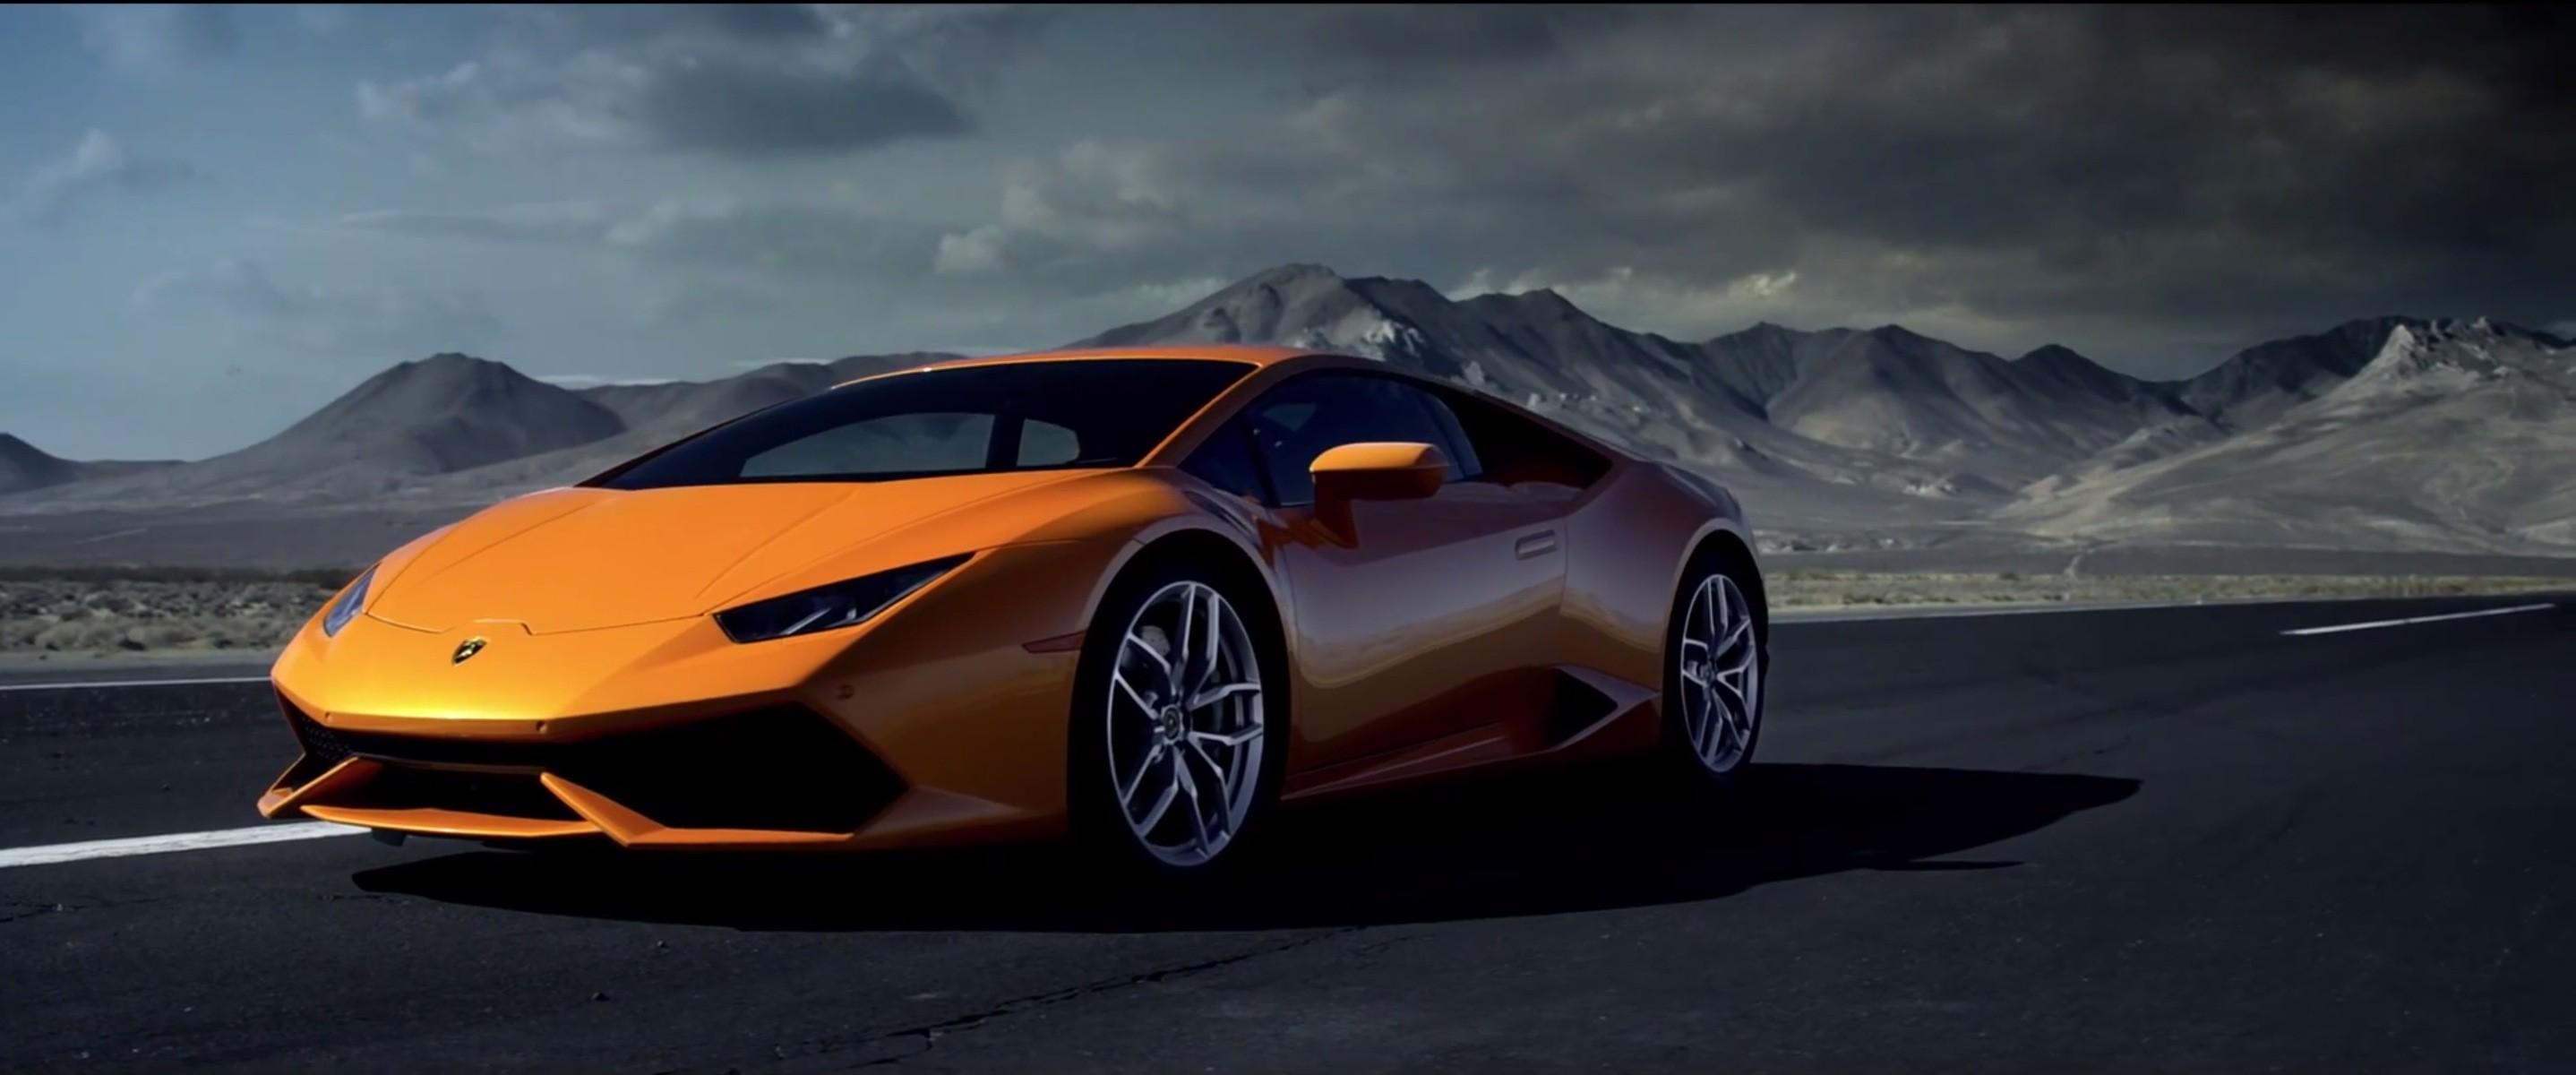 5 Car Themed Wallpapers For Ipad: Lamborghini Huracan Wallpaper ·① ① Download Free Cool Full